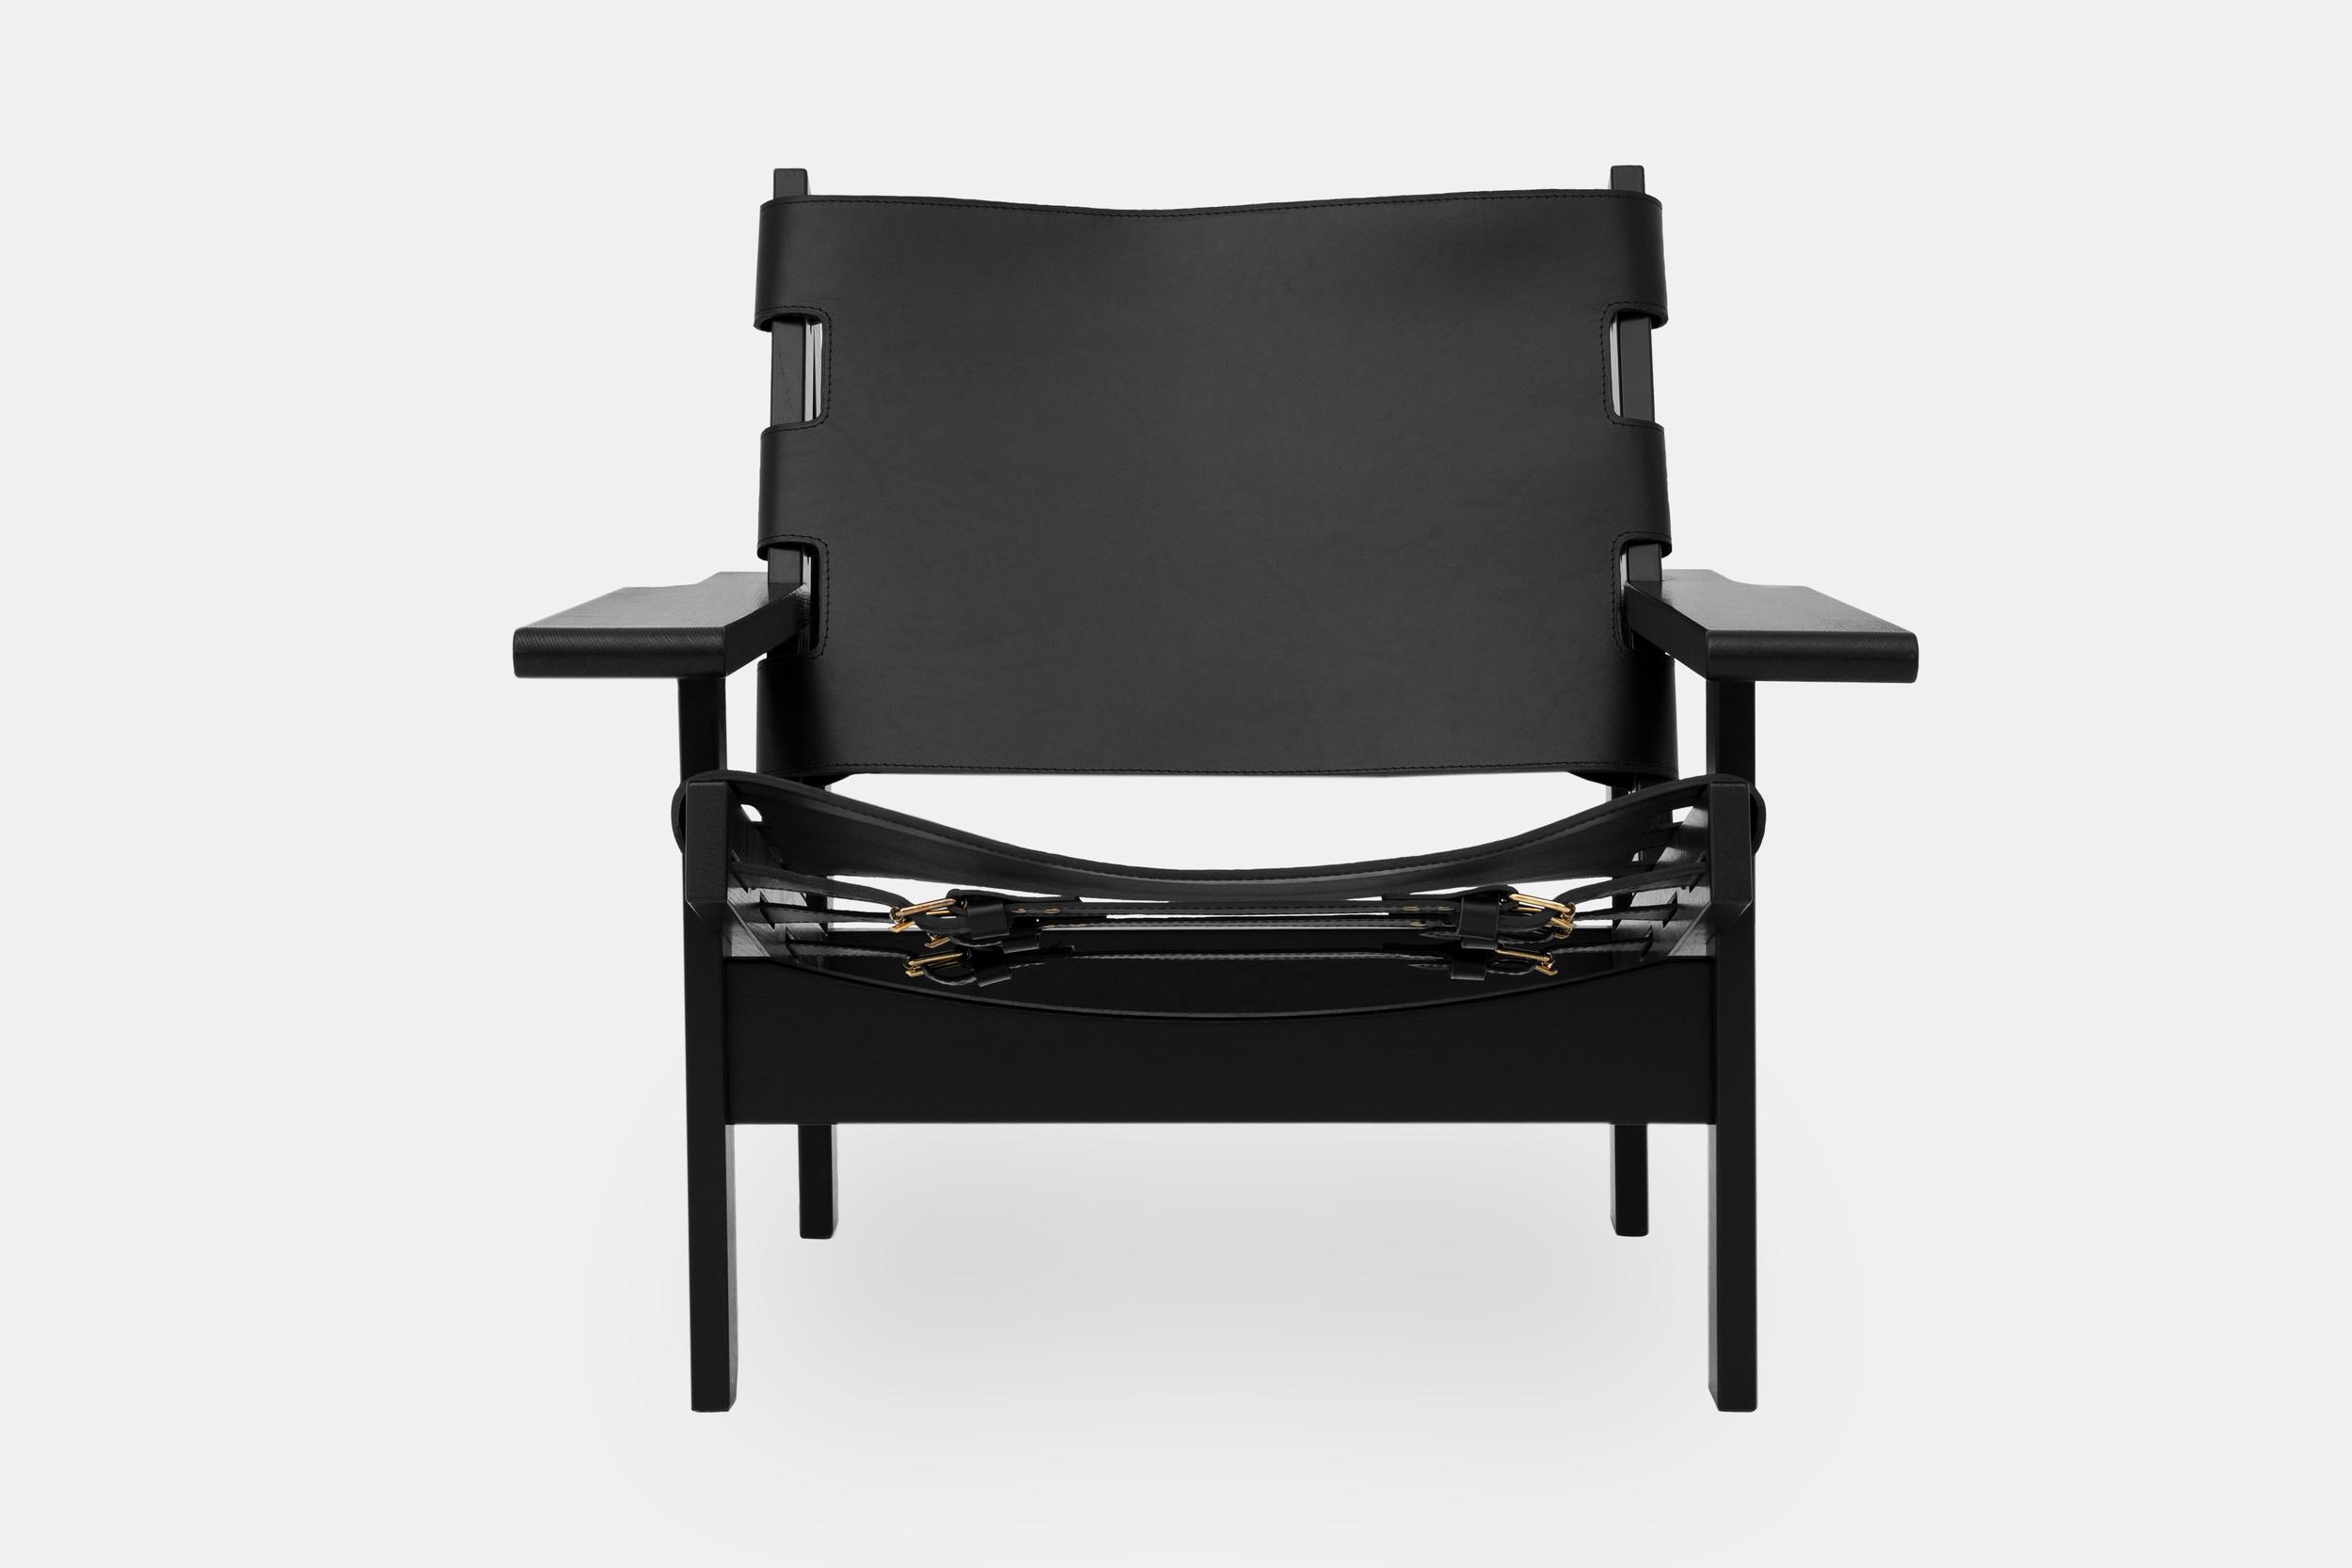 hunting-chair-black-black-1.png